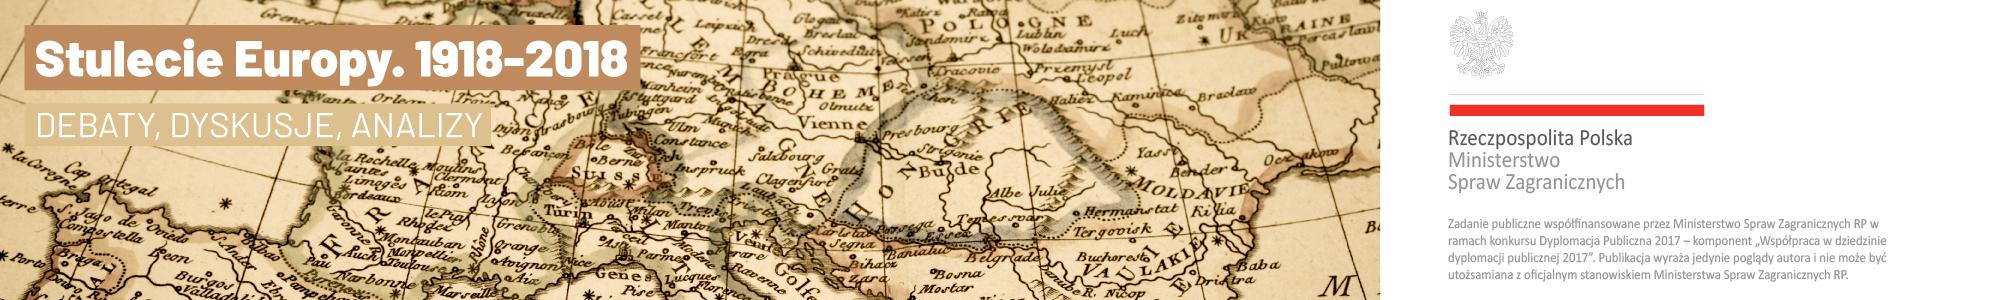 Stulecie Europy